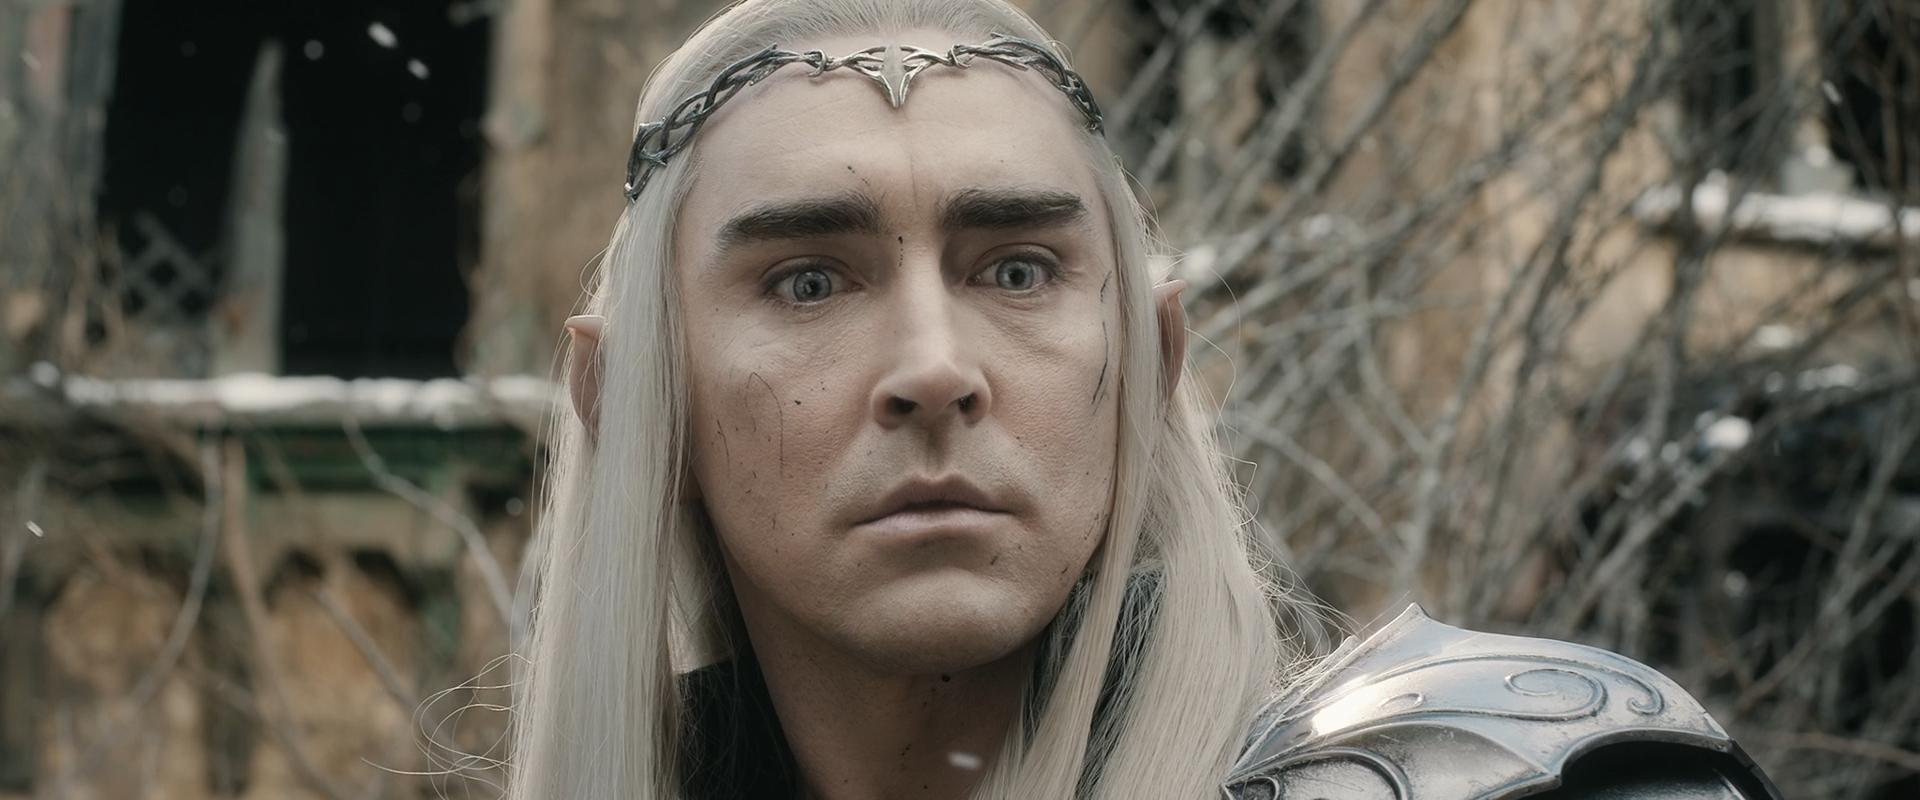 [2014]_Hobbit_Bitva_Pyati_Voinstv_1080p_Blu-ray.mkv_snapshot_01.33.11_[2015.04.12_19.58.28].png